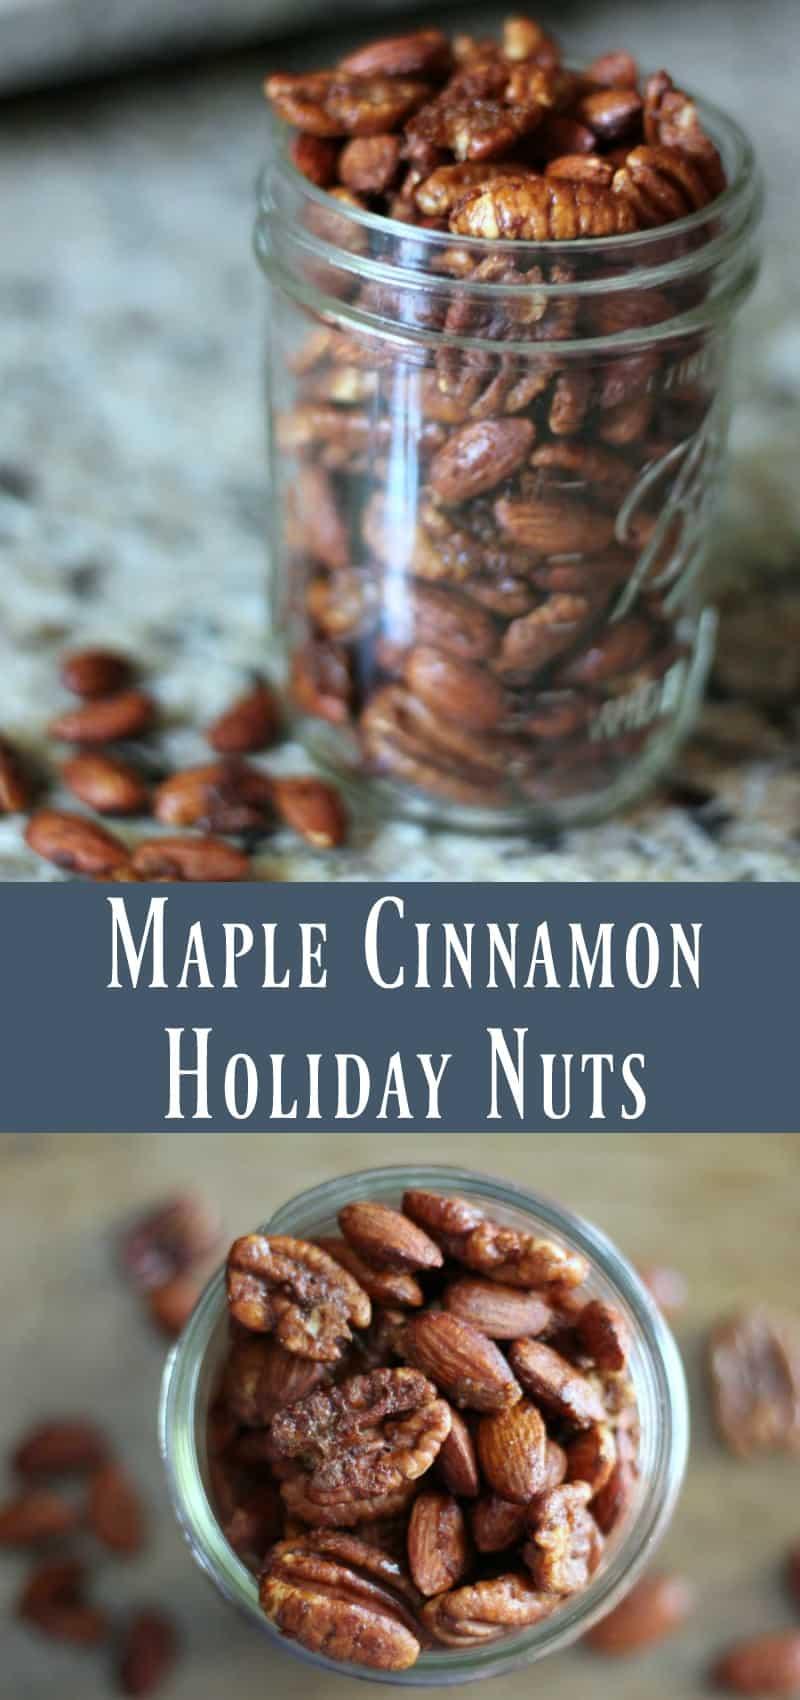 Maple Cinnamon Holiday Nuts